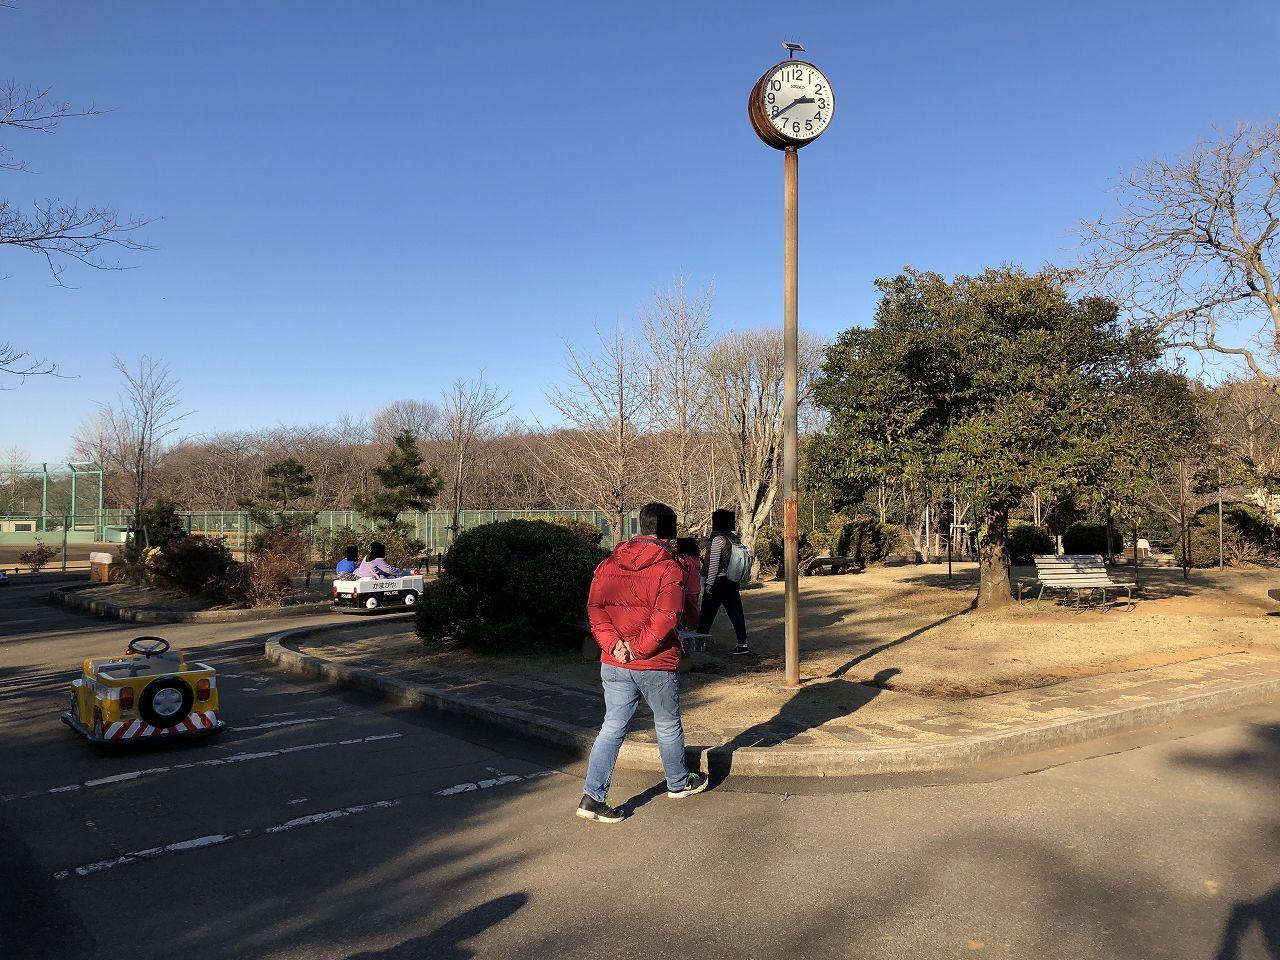 鎌ヶ谷の公園のバッテリーカー